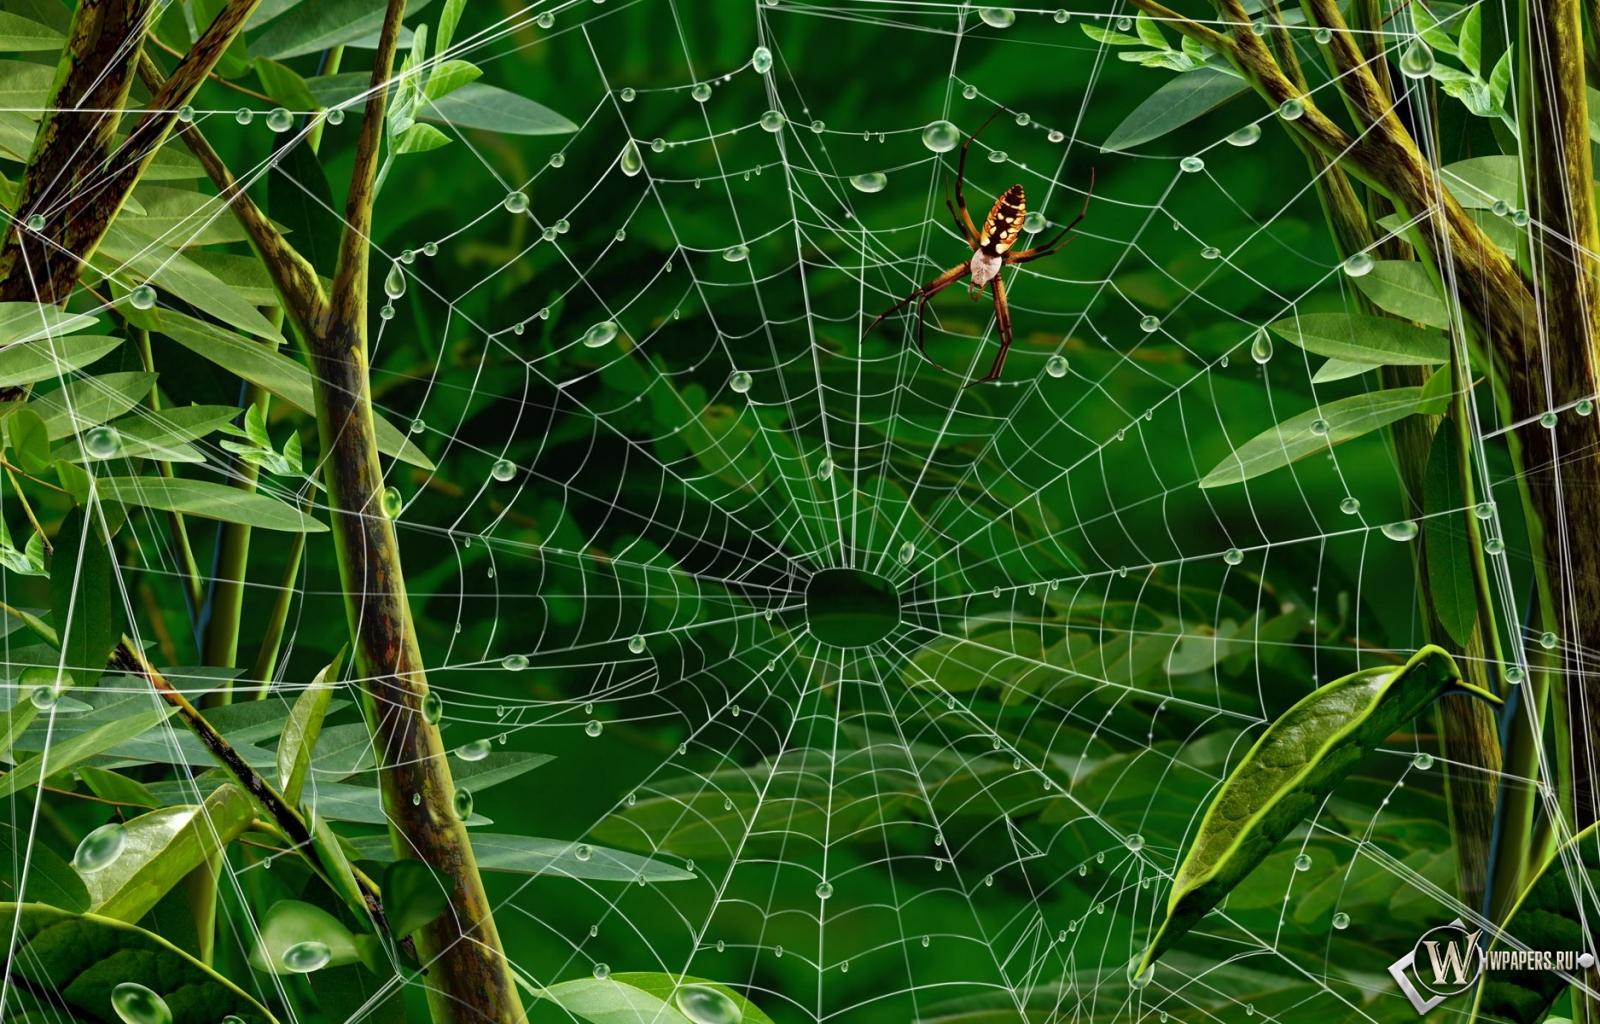 Паук на паутине 1600x1024